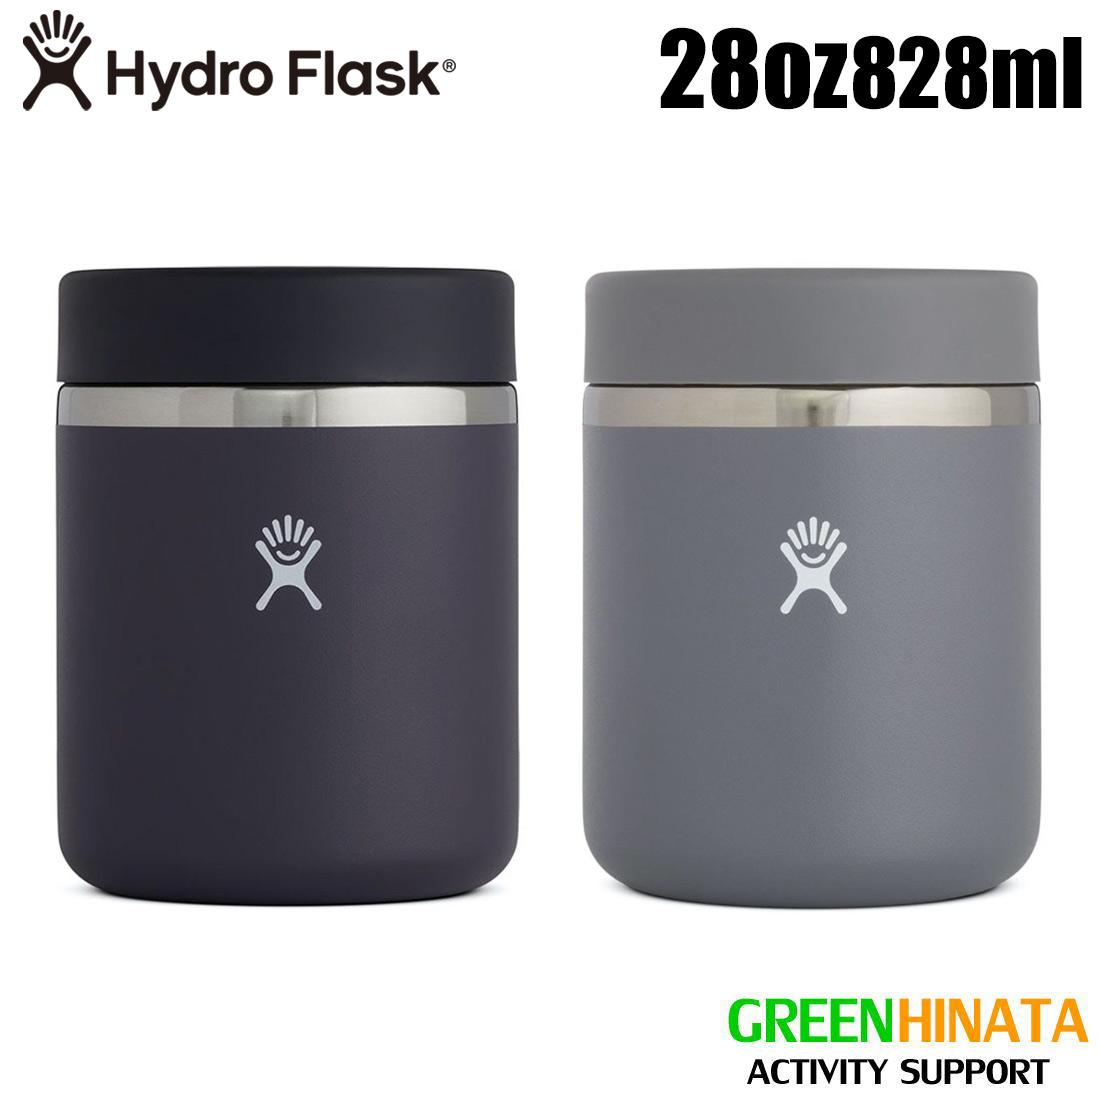 ハイドロフラスク フードジャー 28oz 保温 保冷 フードポット  国内正規品